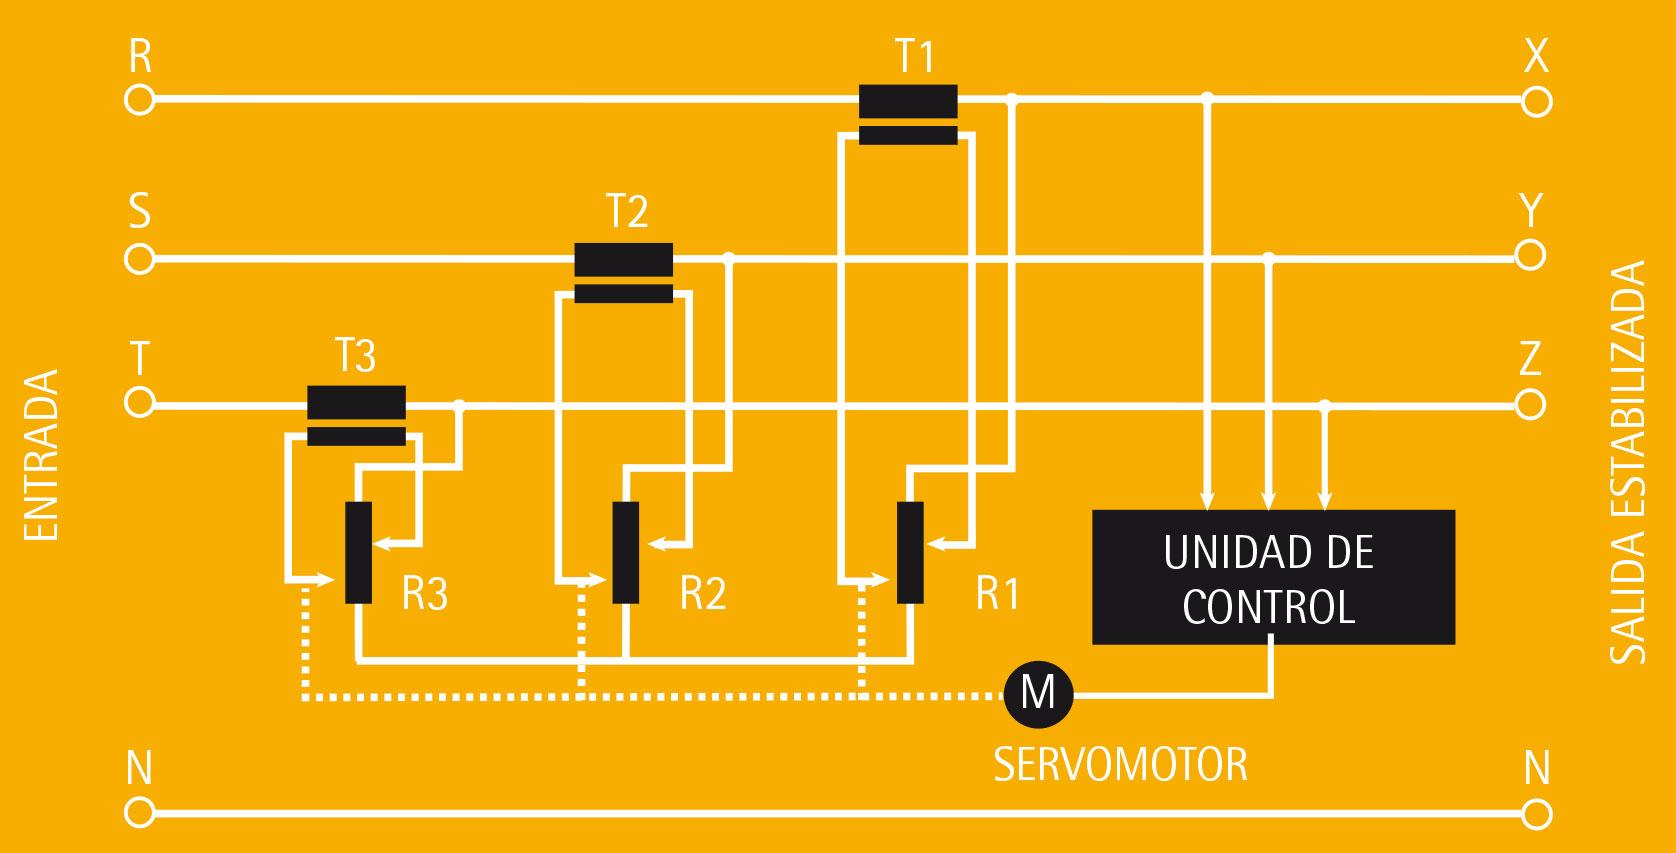 IREM grafico estabilizadores automaticos de tension TRIFASICOS MODELOS T